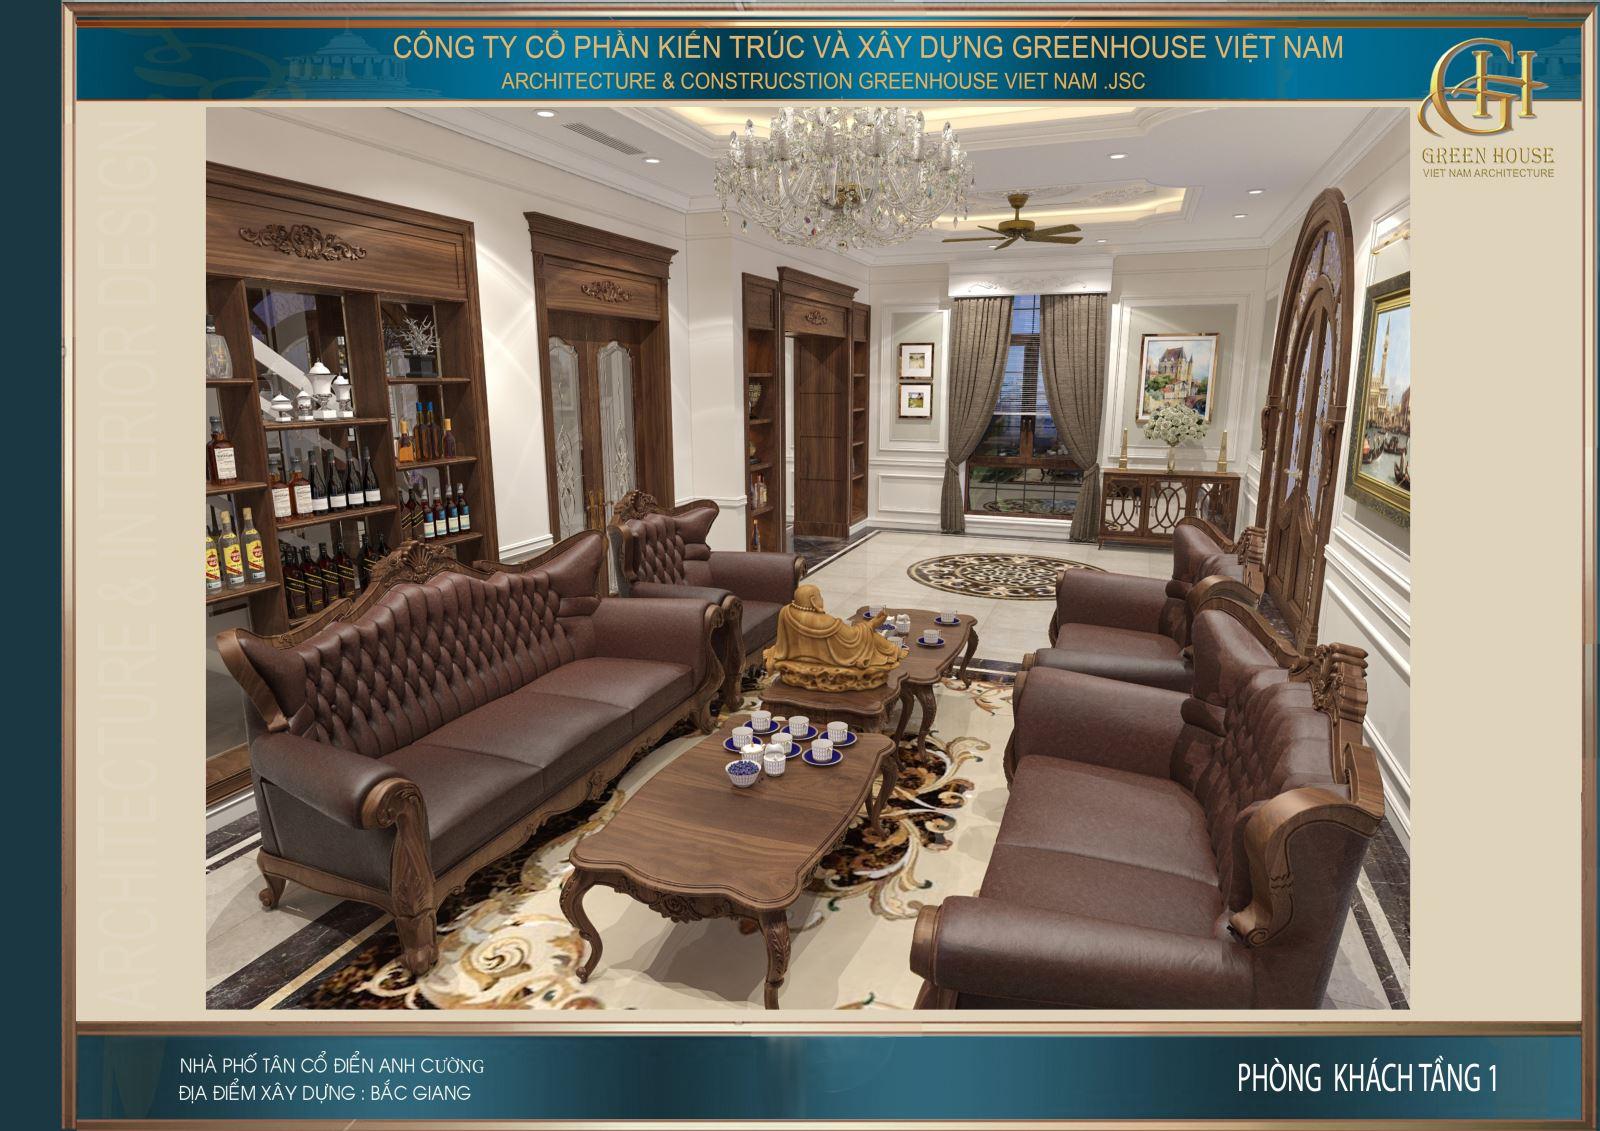 Bộ sofa cao cấp bọc da nâu sang trọng, đẳng cấp